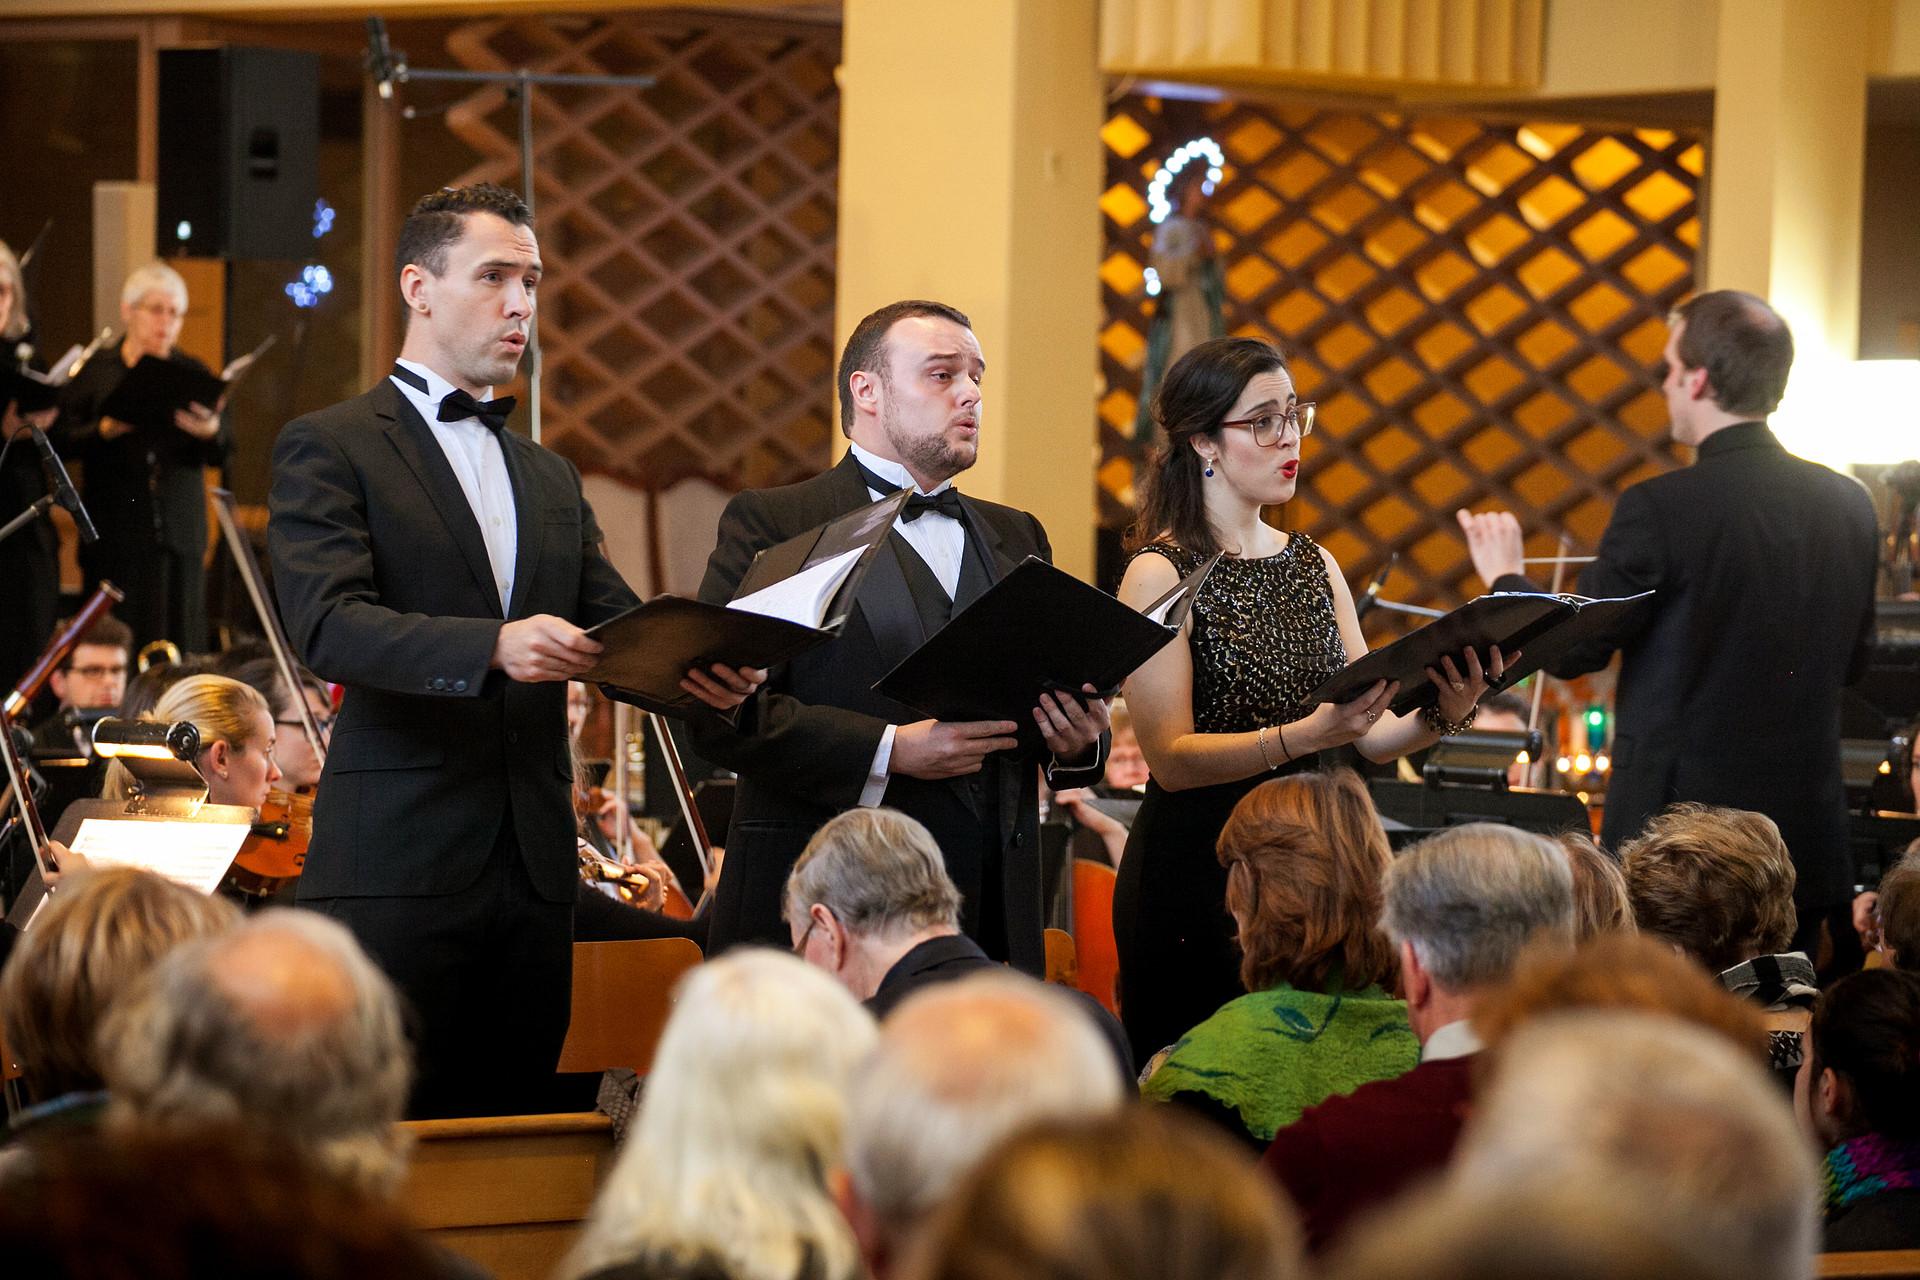 Choeur Symphonique de Sherbrooke